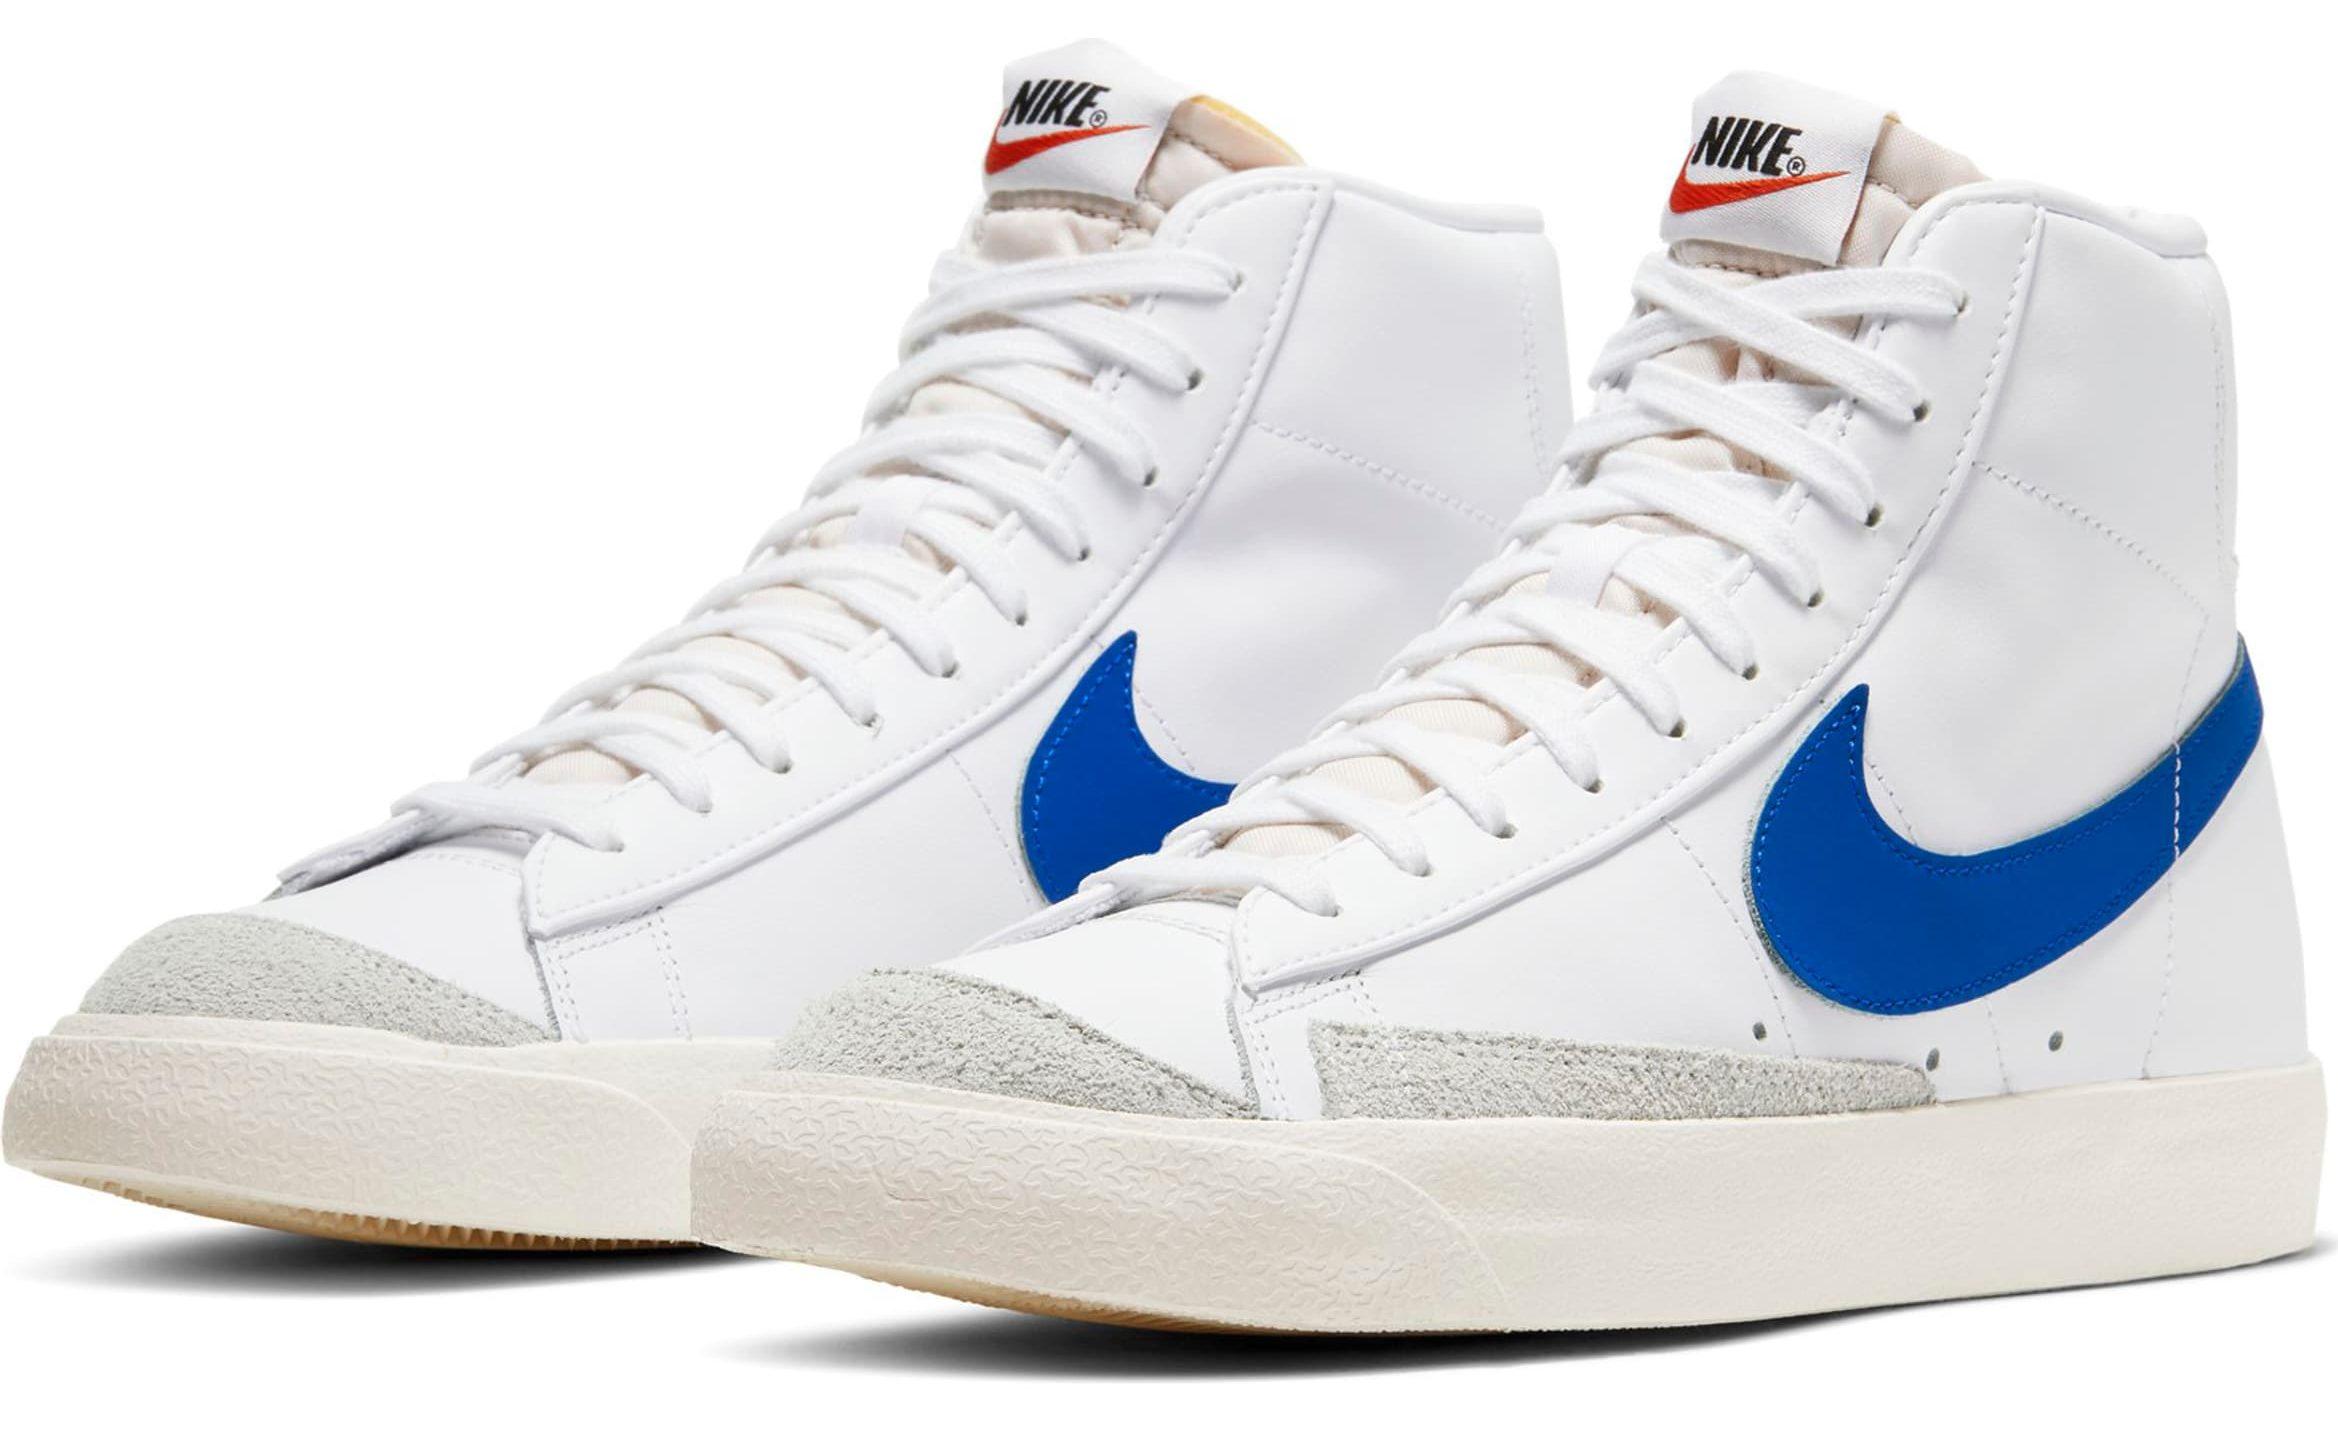 Nike Blazer Mid '77 Vintage Sneakers - Best Gifts Under $100